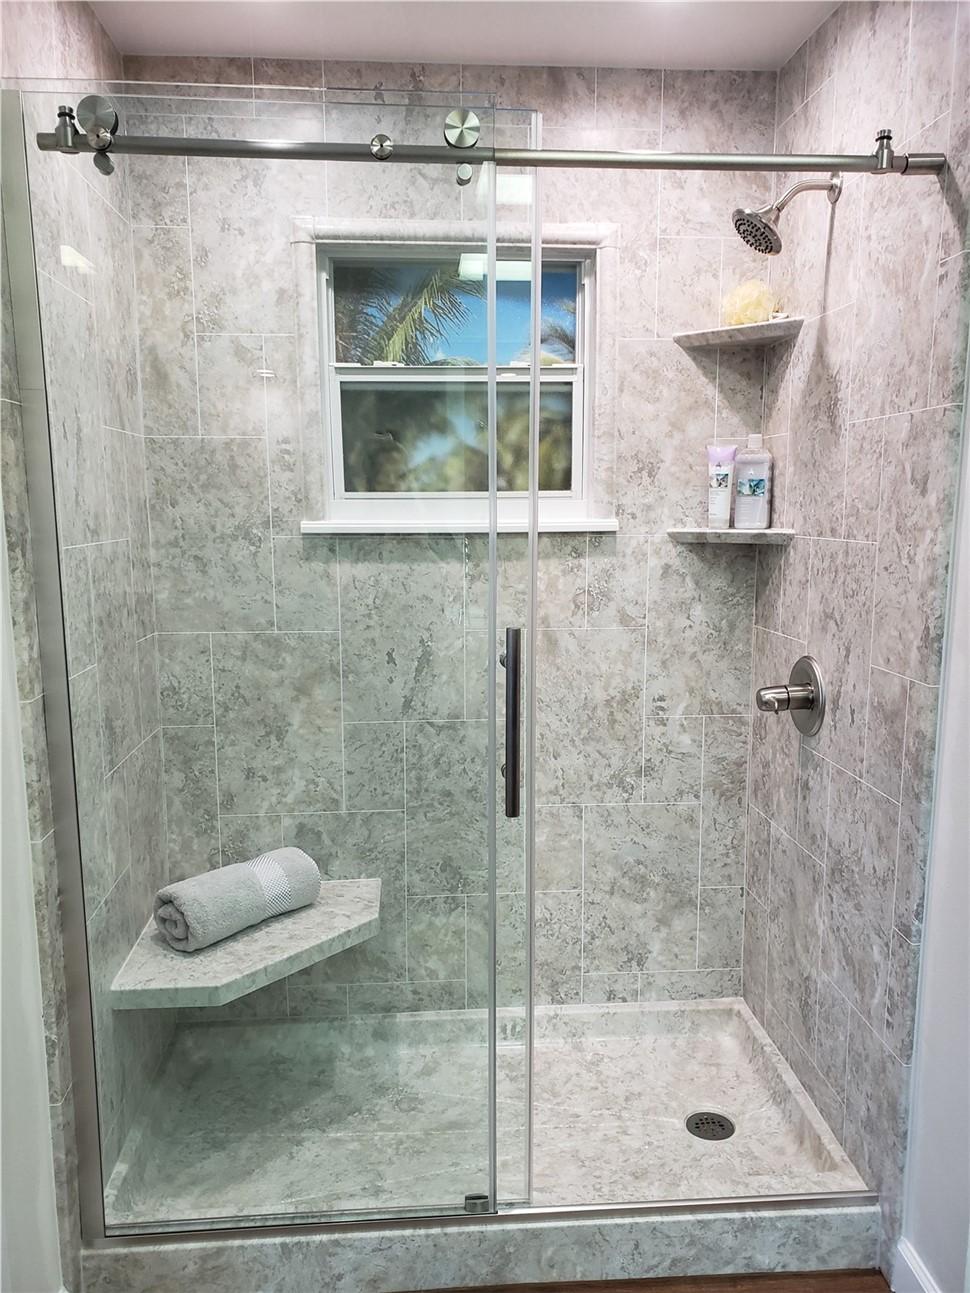 $600 Off Or Free Shower Door!